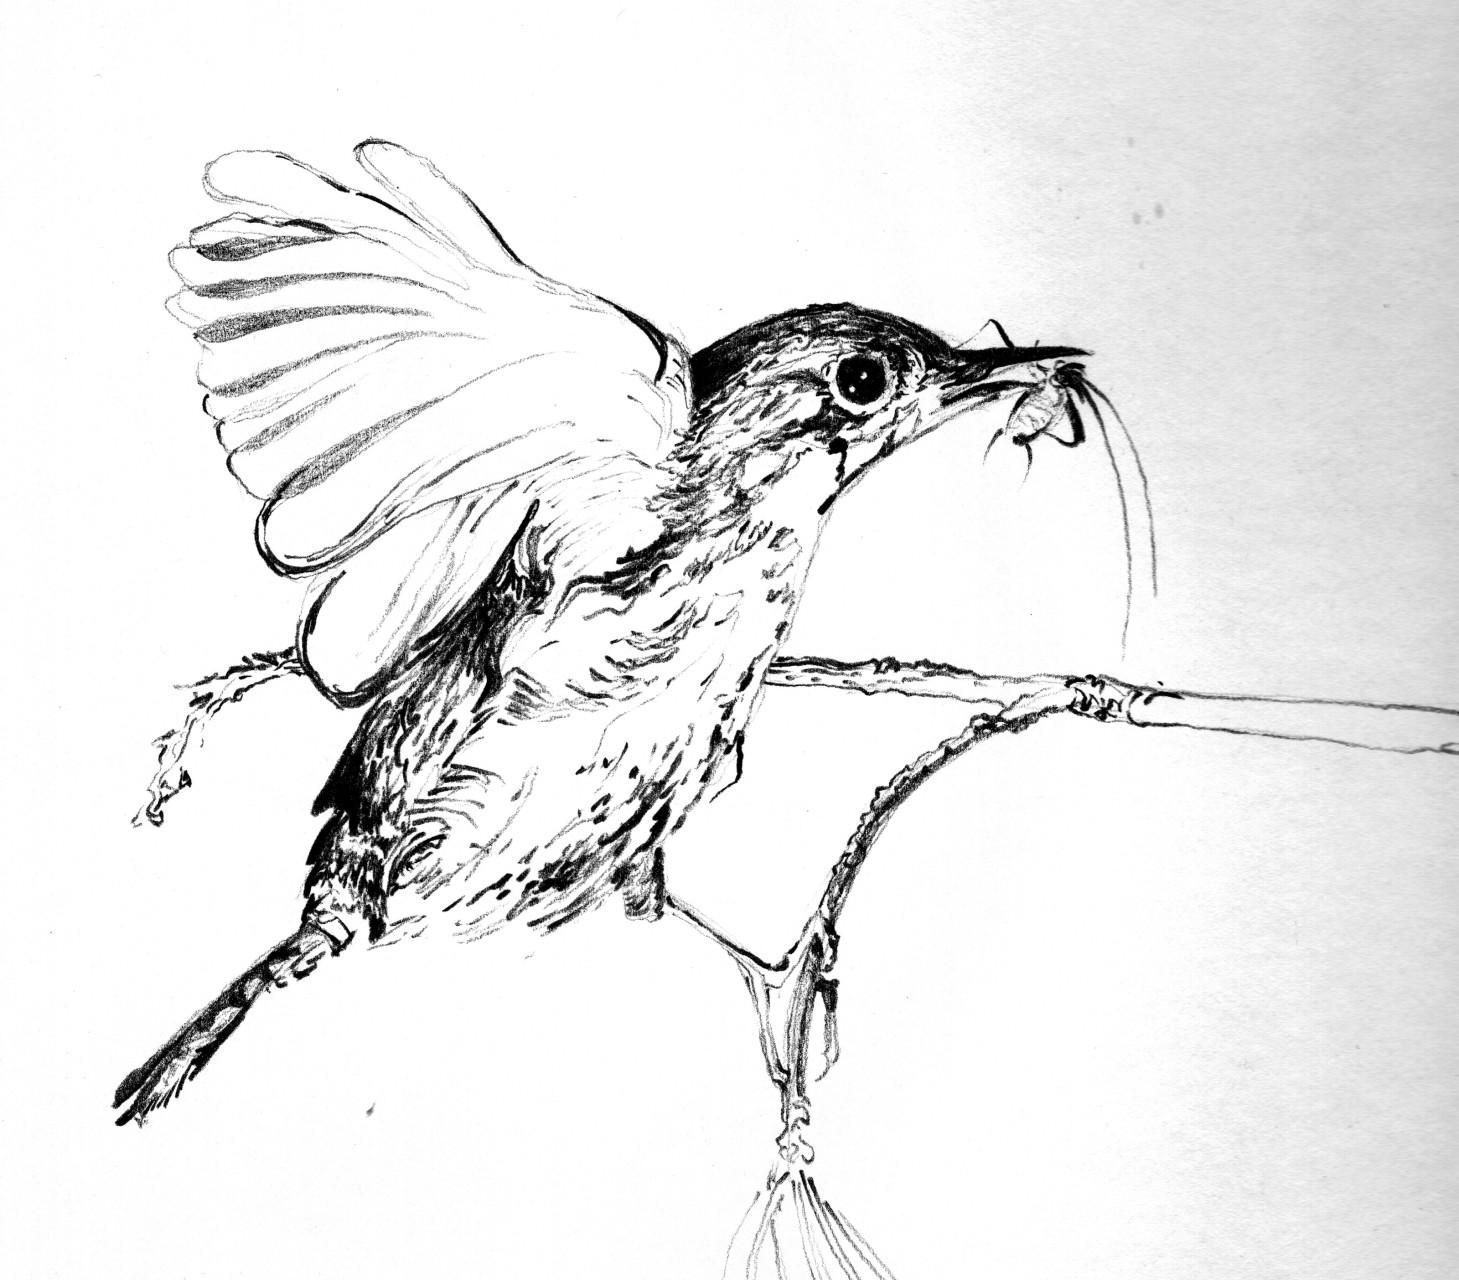 Pen & Ink On Illustration Board